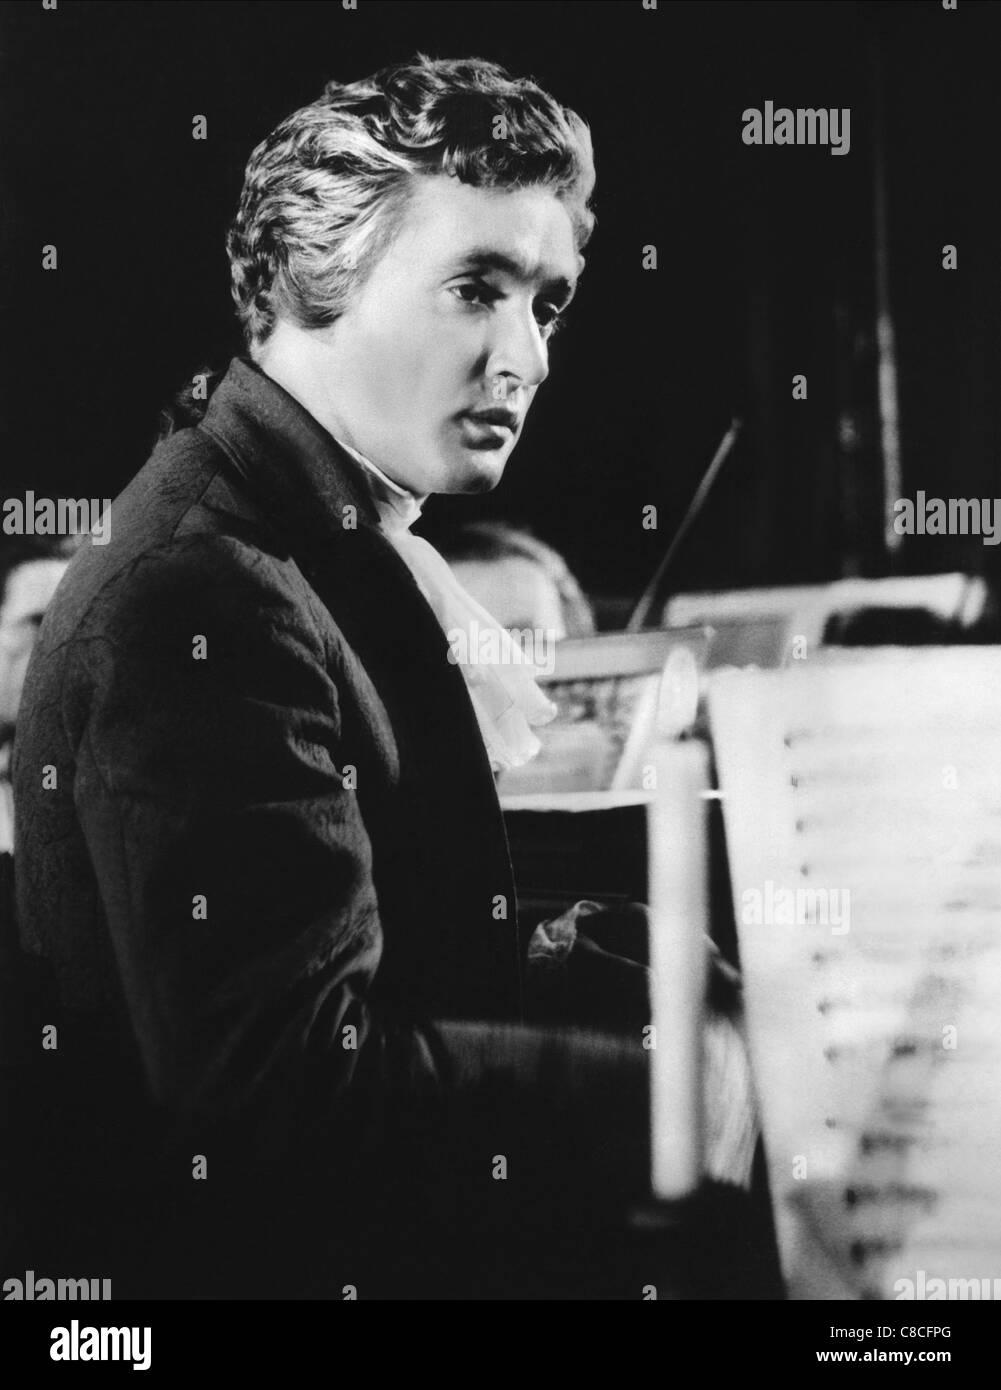 OSKAR WERNER MOZART (1955) - Stock Image